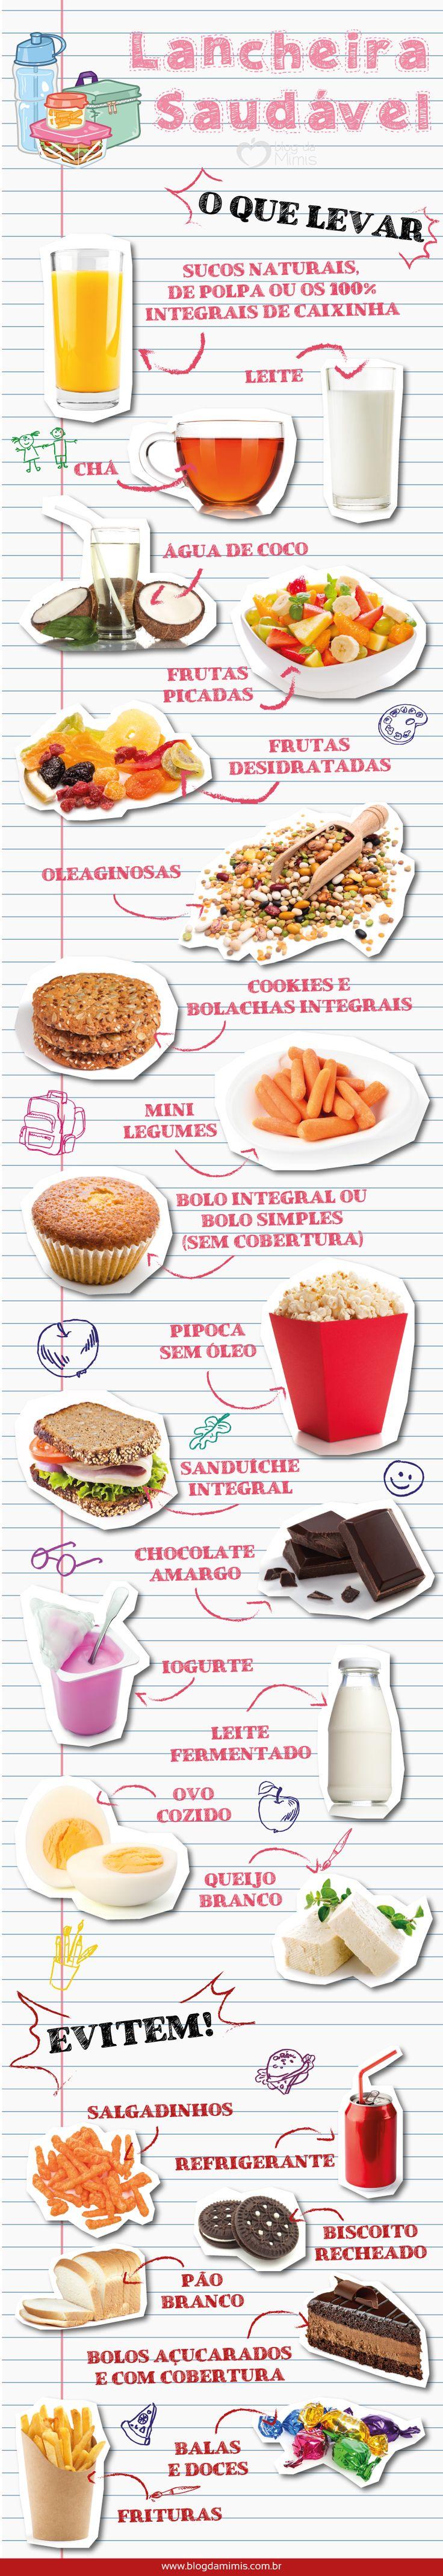 Volta às aulas: aprenda a fazer uma lancheira saudável - Blog da Mimis - Dicas bem bacanas para montar uma lancheira nutritiva e ainda encher os olhos dos pequenos.